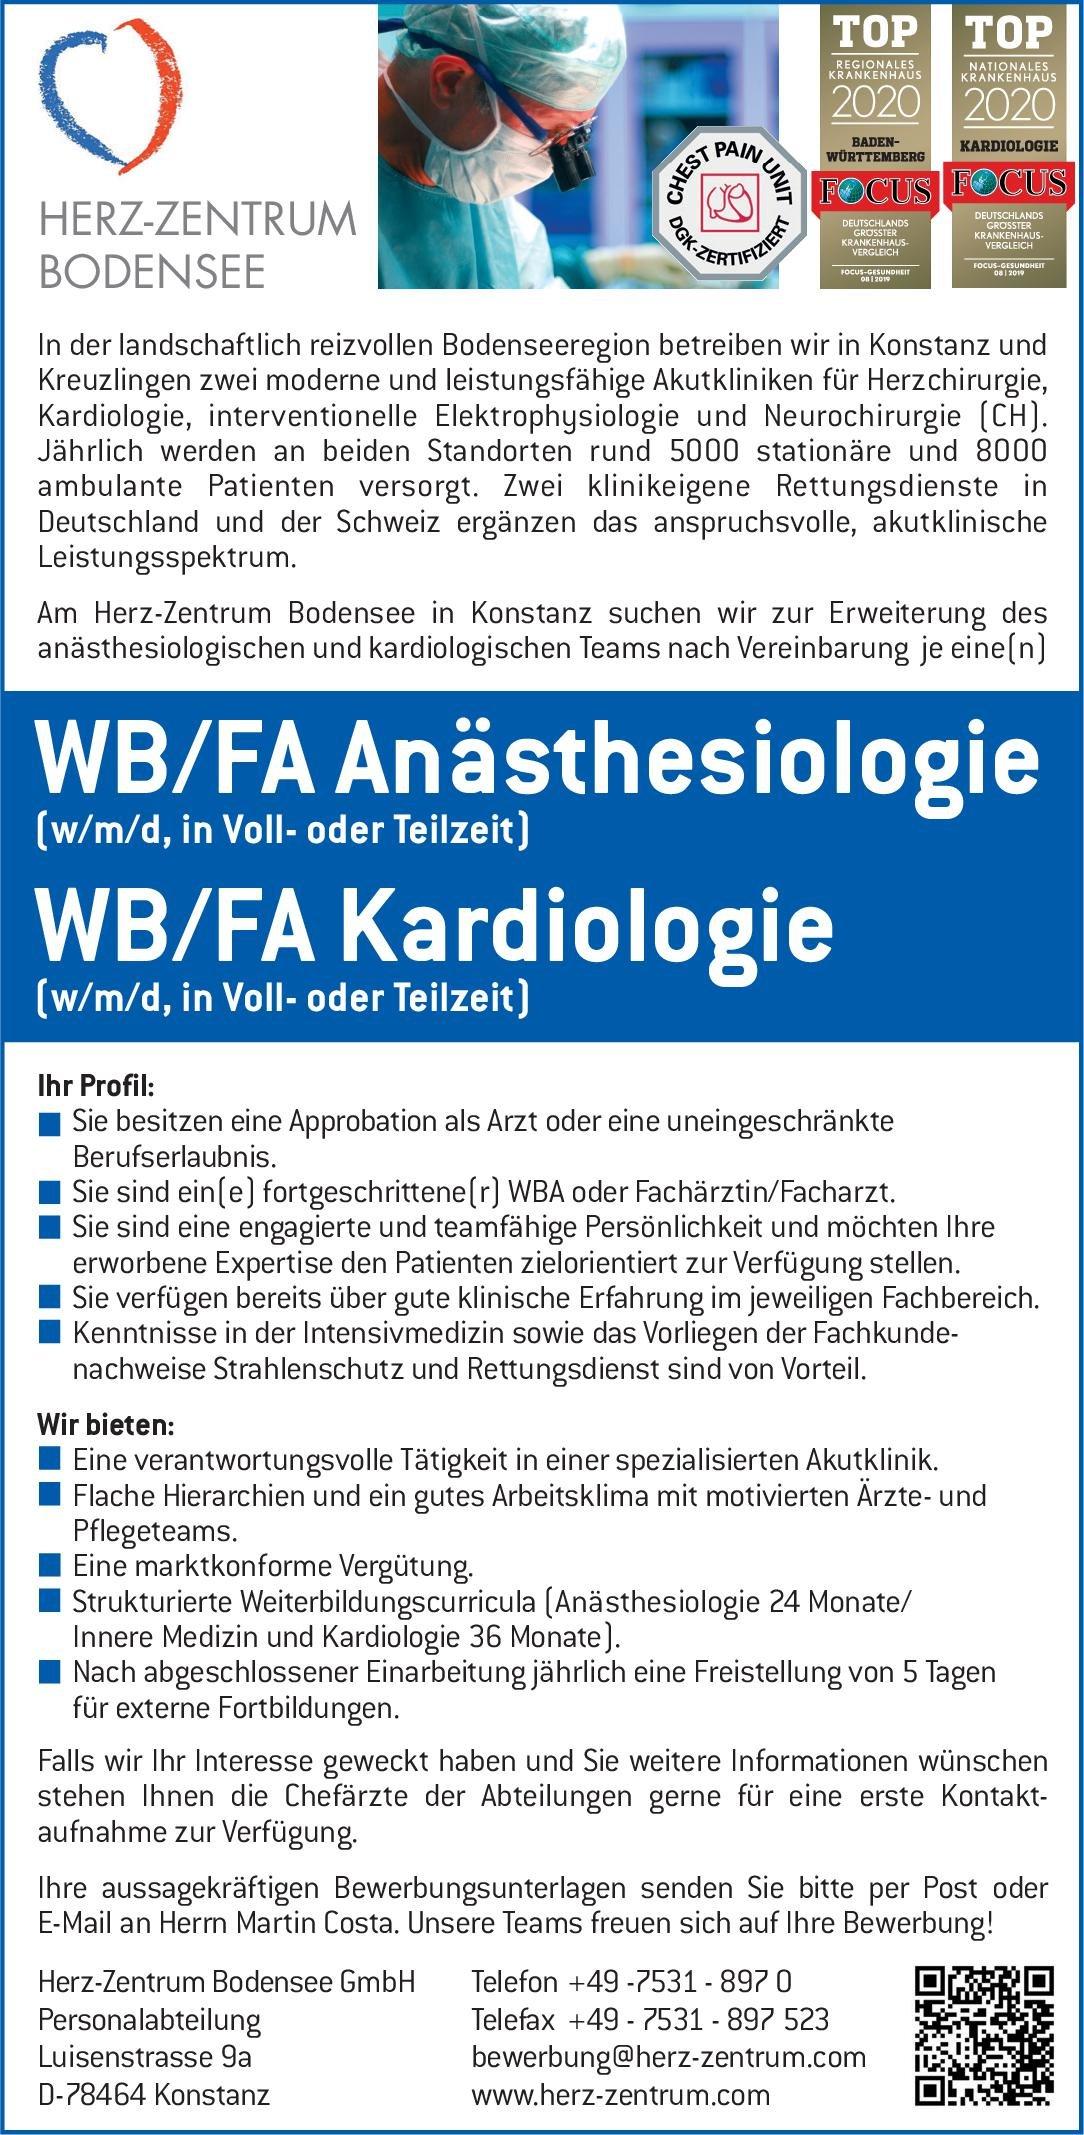 Herz-Zentrum Bodensee WB/FA Kardiologie (w/m/d, in Voll- oder Teilzeit)  Innere Medizin und Kardiologie, Innere Medizin Arzt / Facharzt, Assistenzarzt / Arzt in Weiterbildung